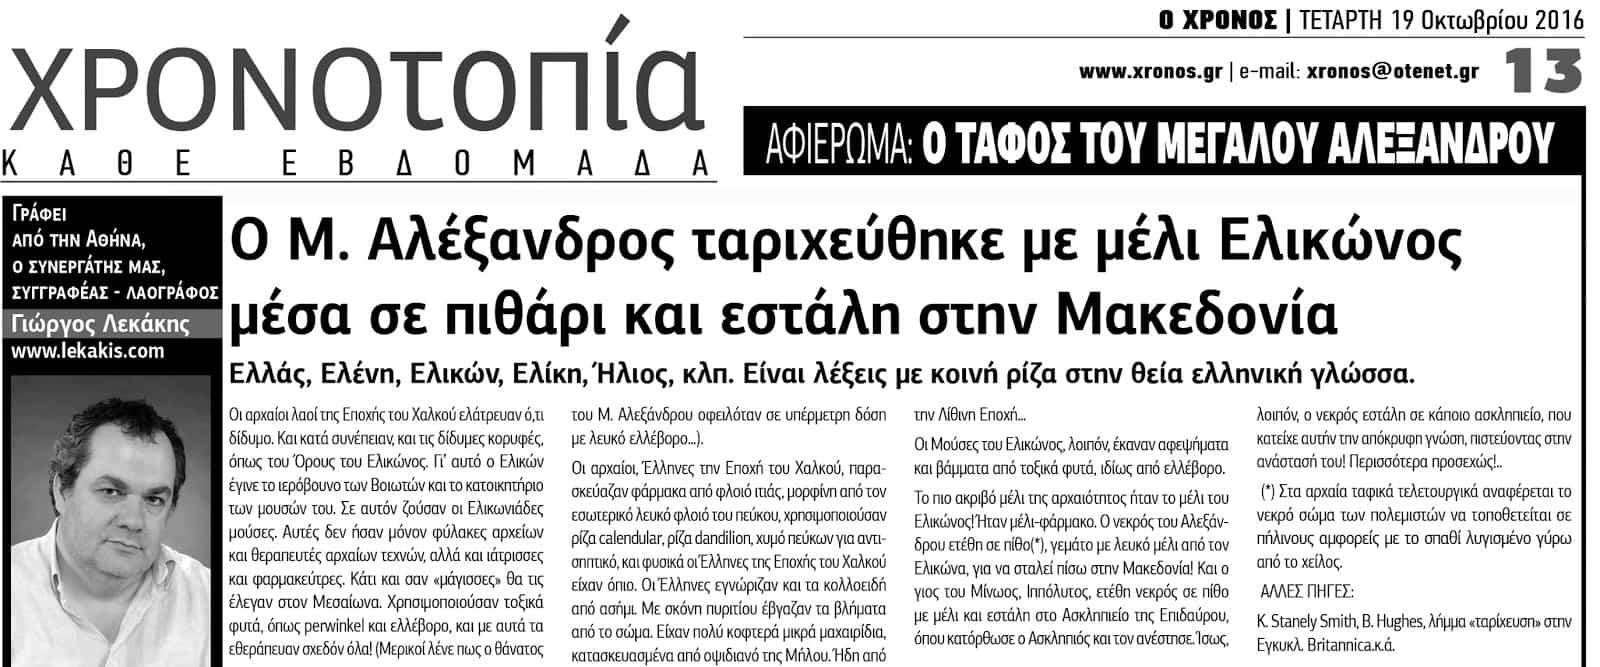 Ο Μέγας Αλέξανδρος ταριχεύθηκε με μέλι Ελικώνος Βοιωτίας και εστάλη στην Μακεδονία